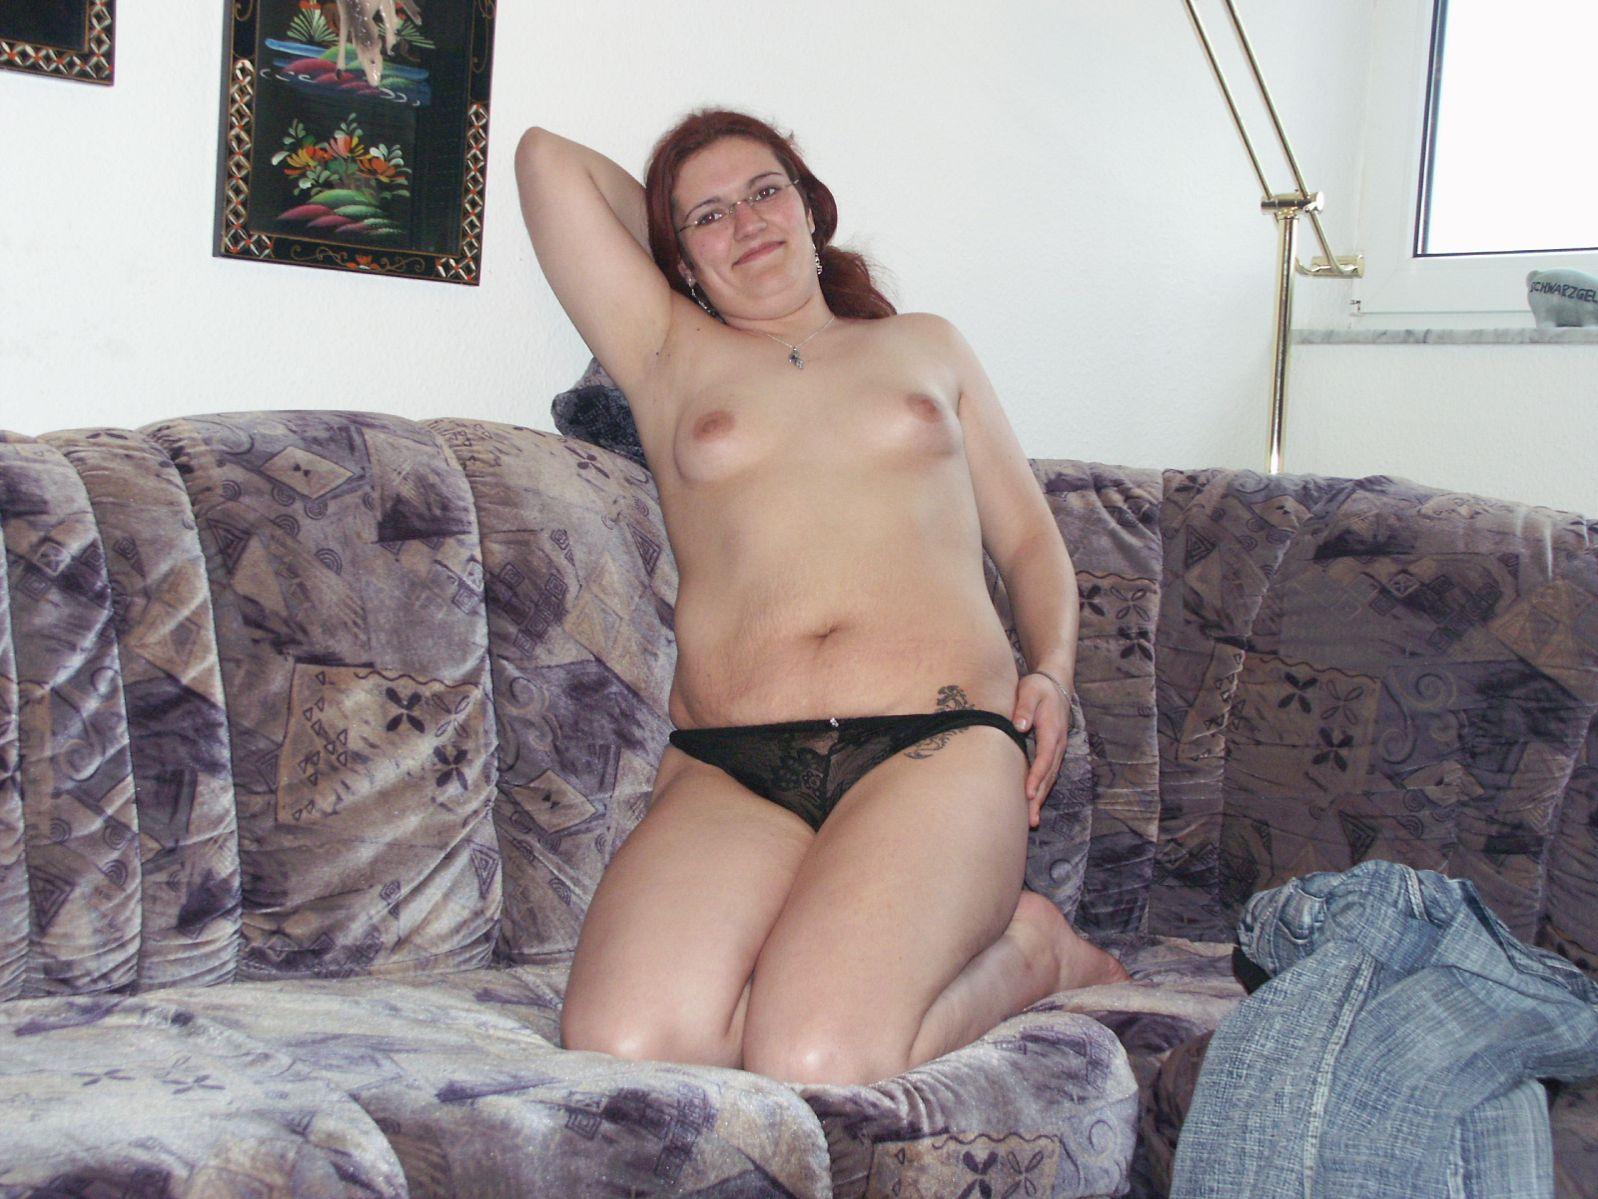 Sexanzeigen für intime Onlinedates nutzen